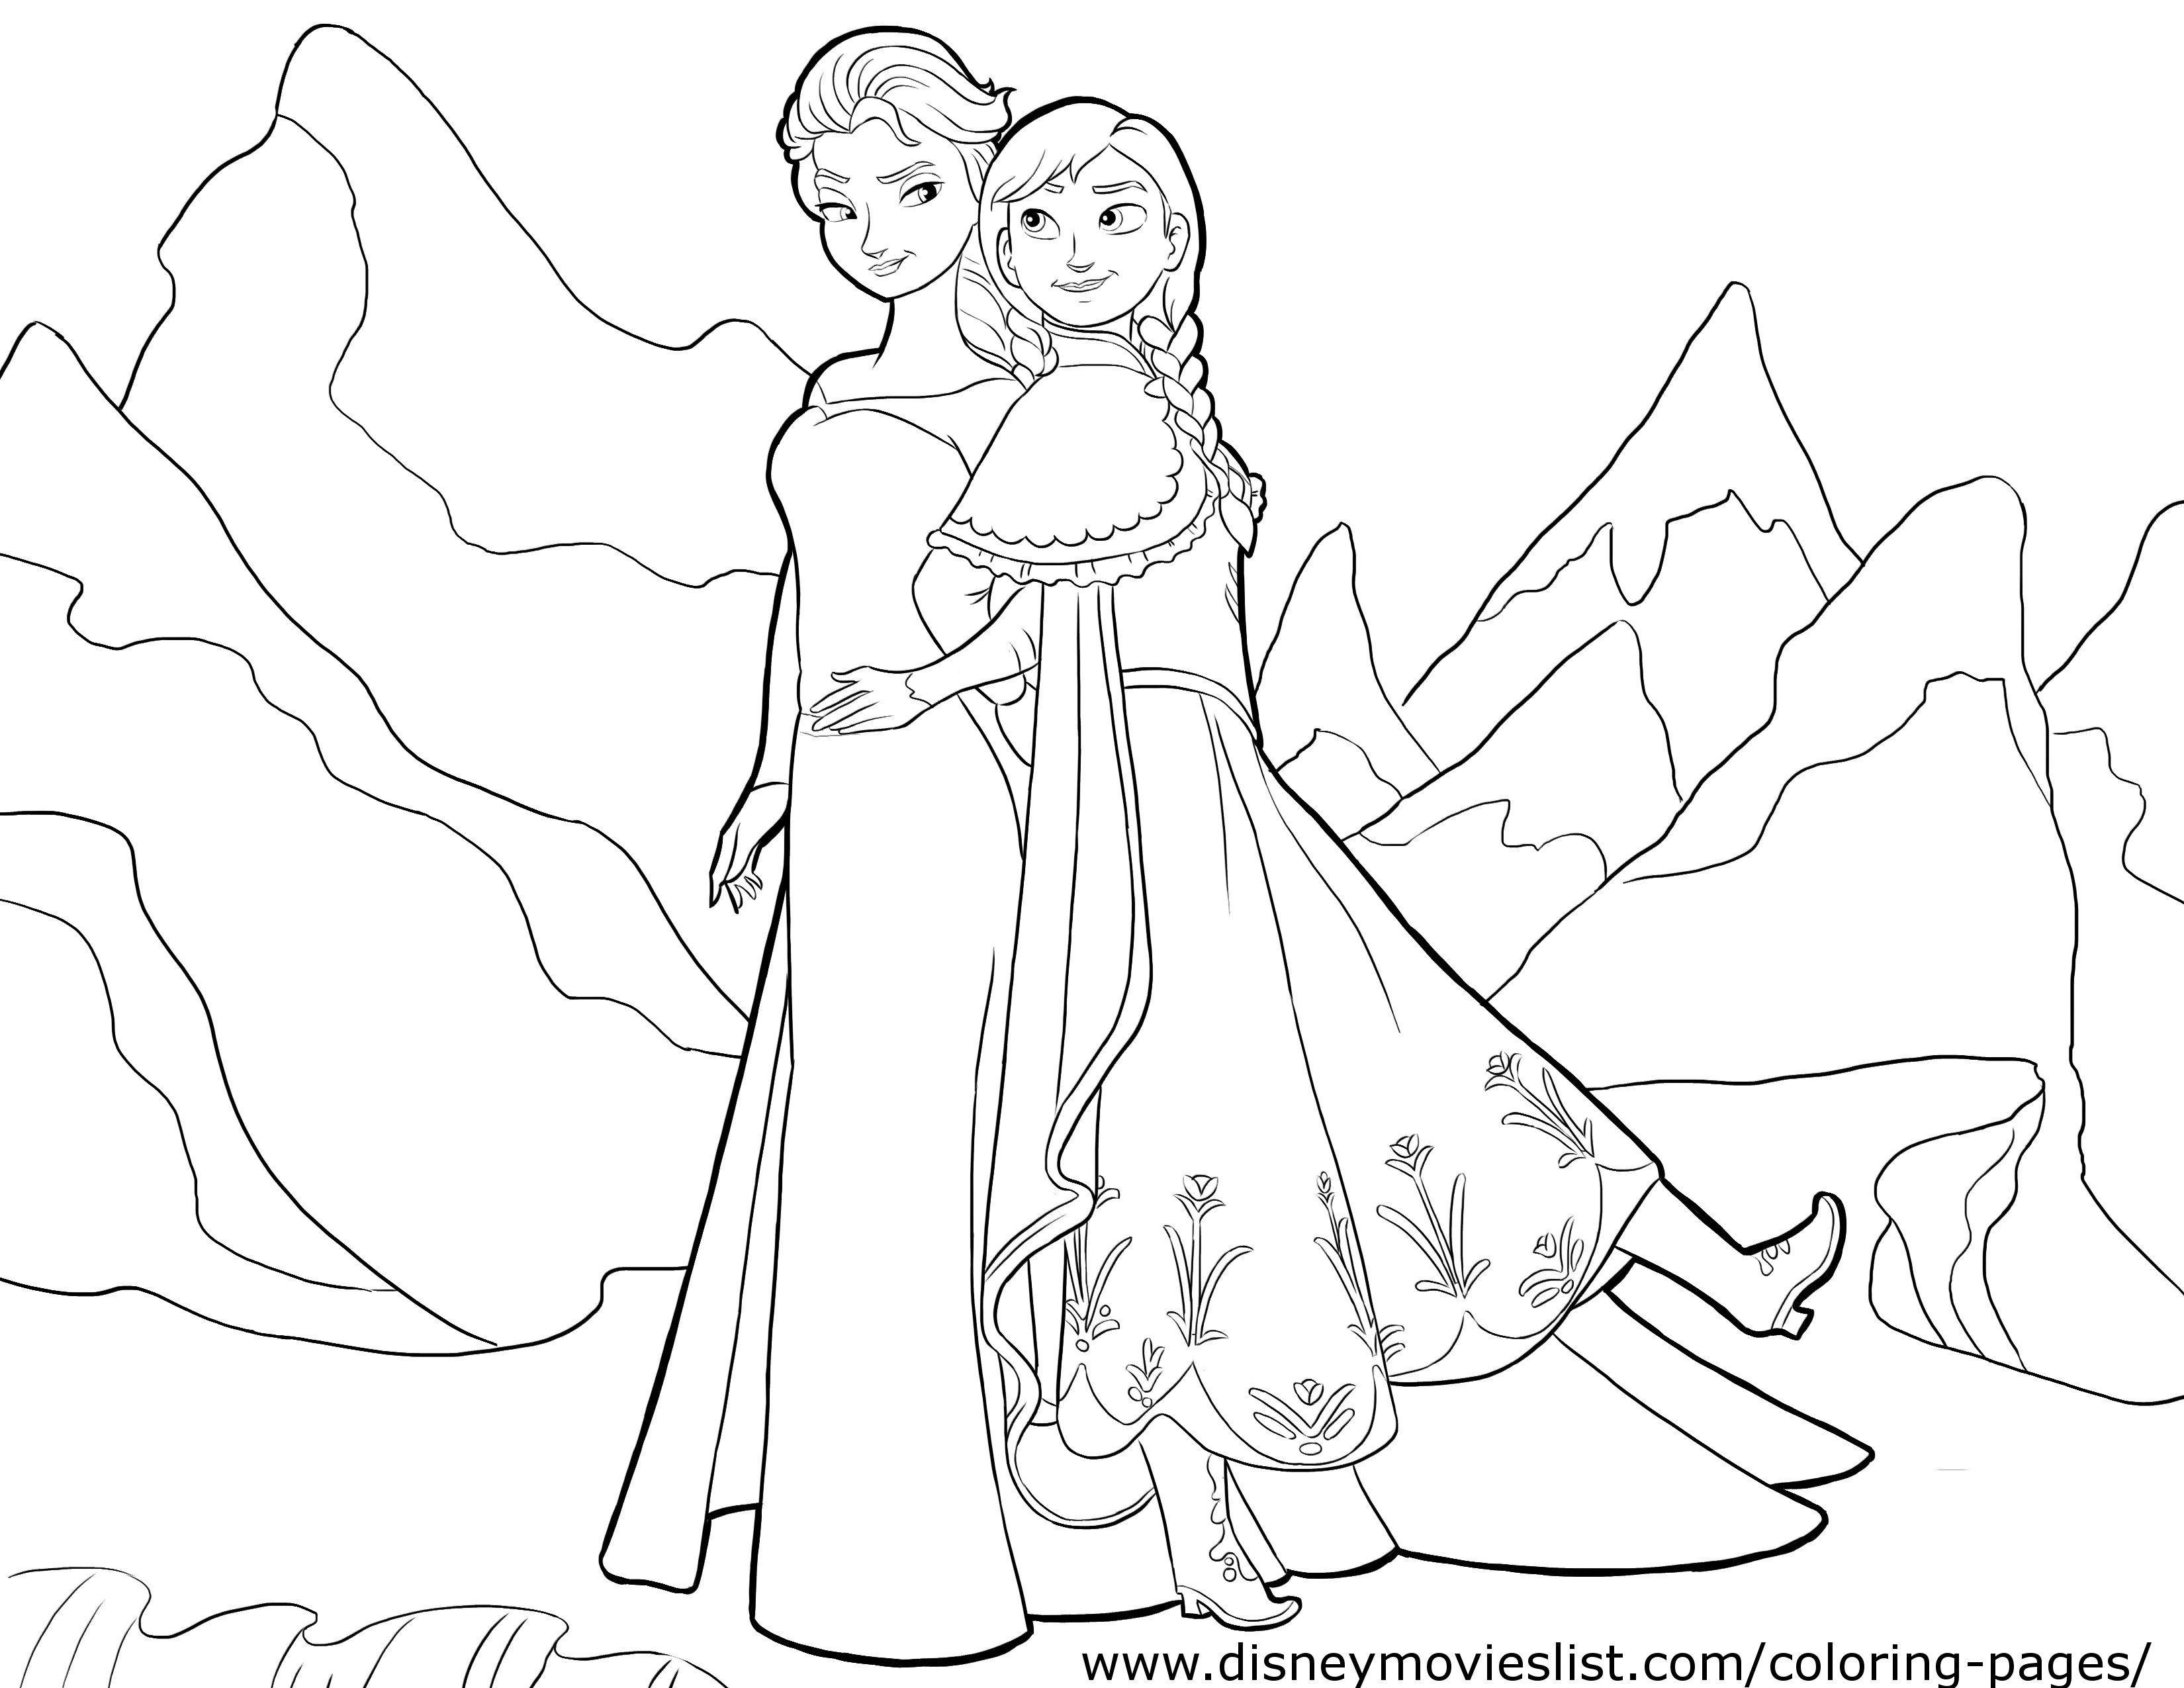 3300x2550 Disney's Frozen Coloring Pages, Free Disney Printable Frozen Color